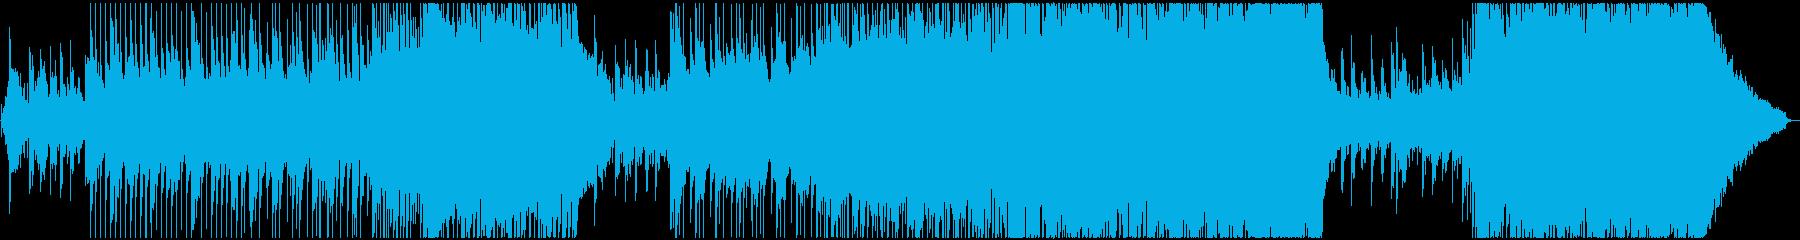 壮大で感動的なストリングスバラードBGMの再生済みの波形